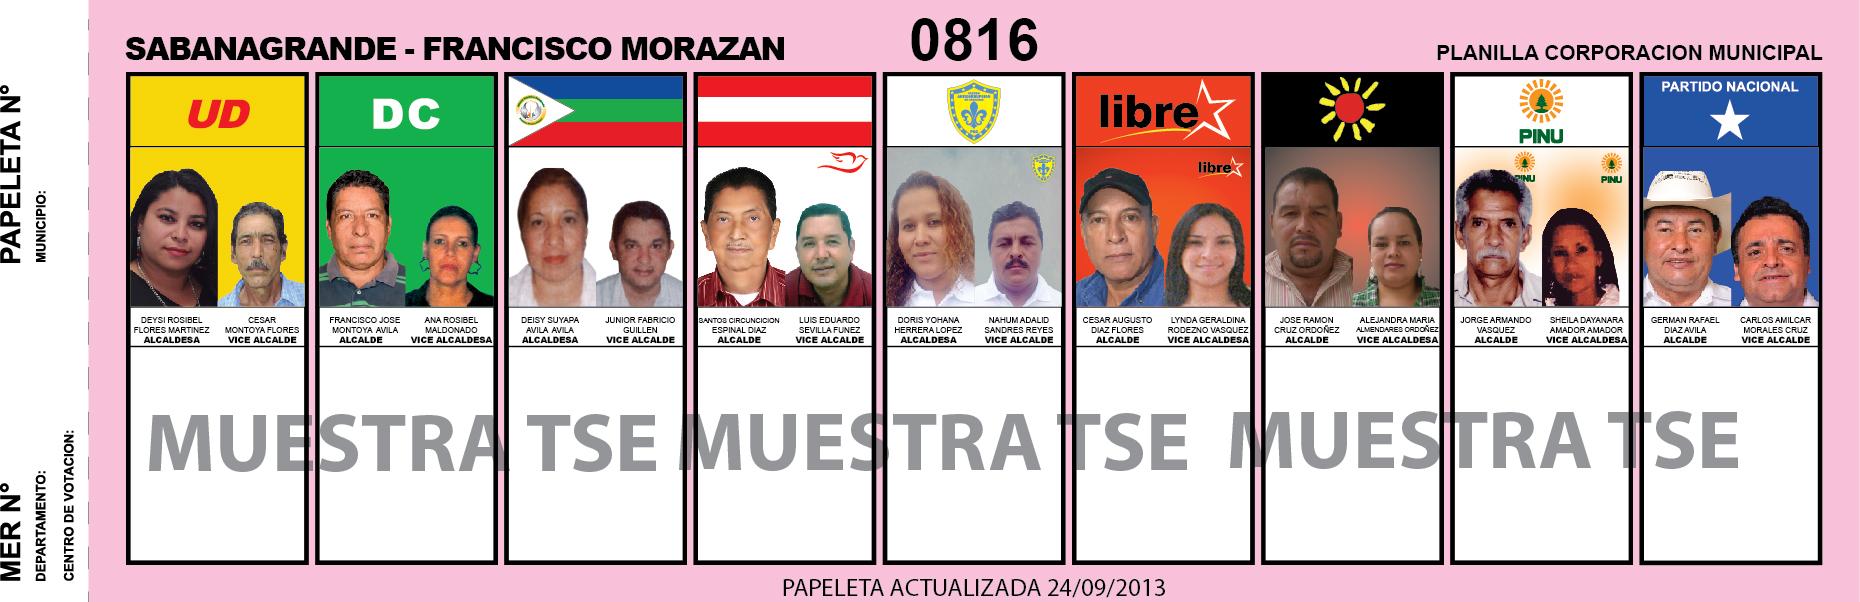 CANDIDATOS 2013 MUNICIPIO SABANAGRANDE - FRANCISCO MORAZAN - HONDURAS